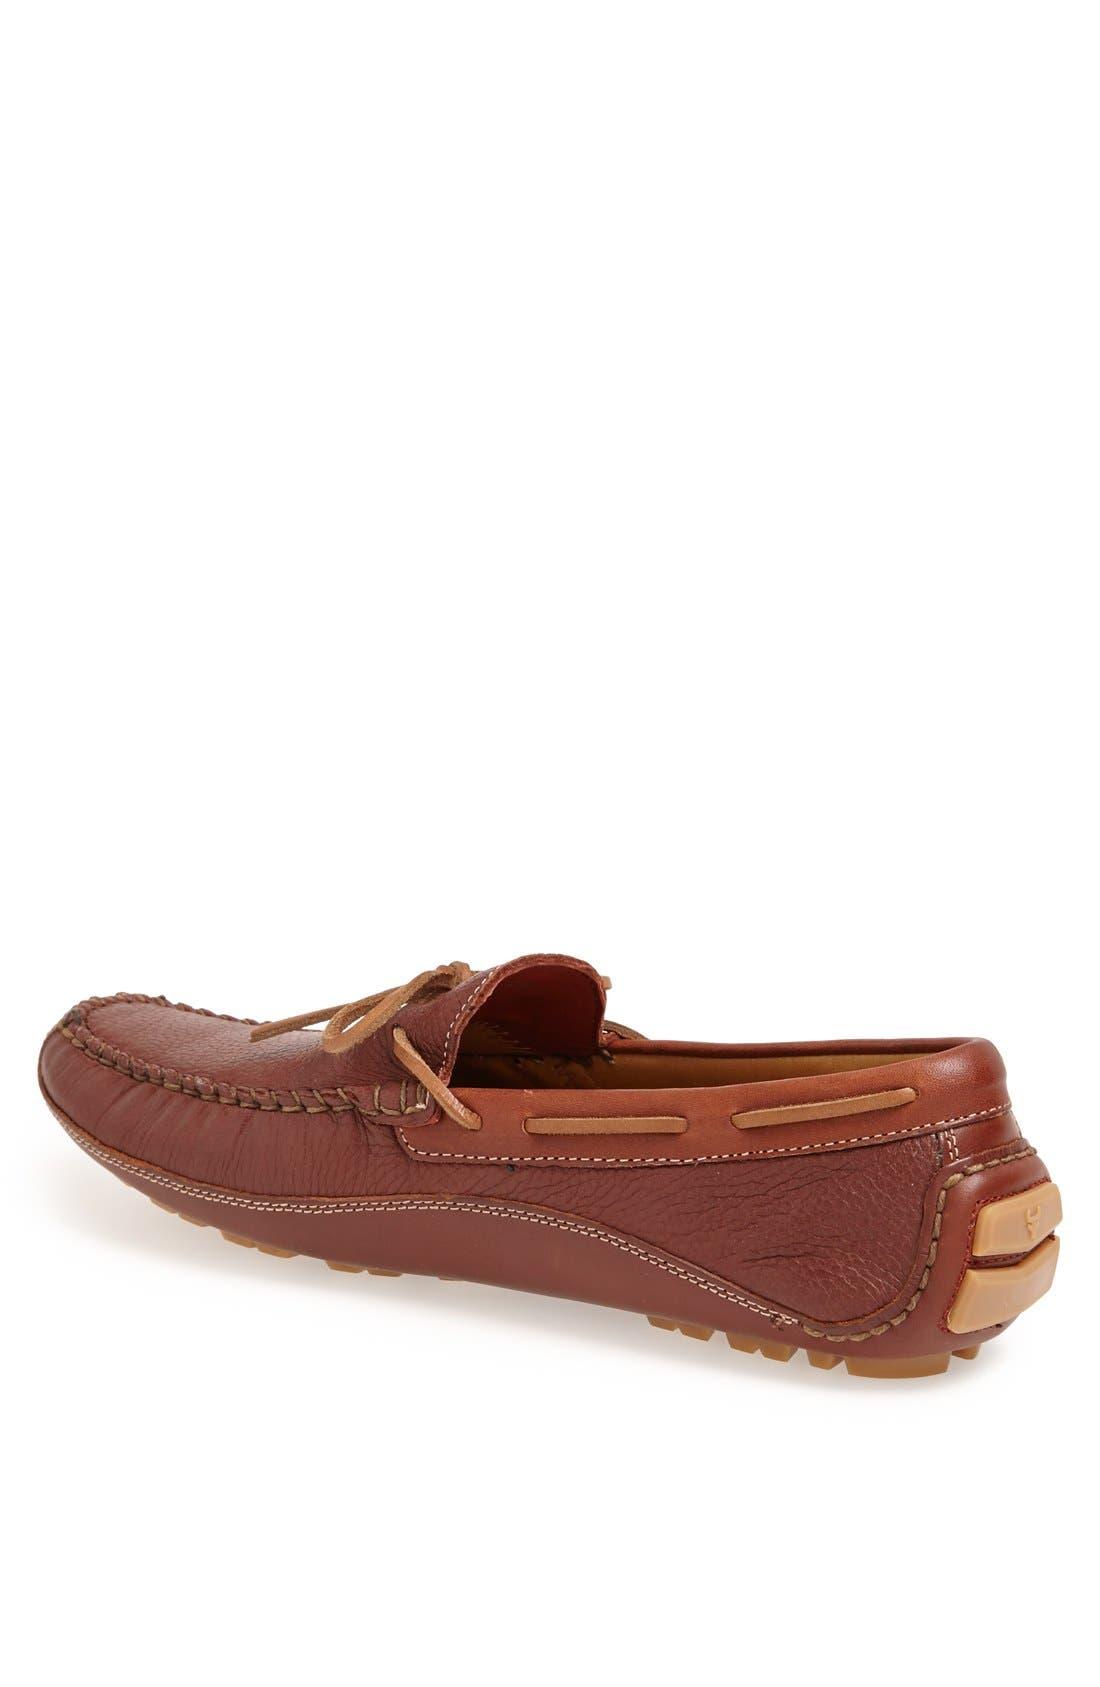 'Drake' Leather Driving Shoe,                             Alternate thumbnail 35, color,